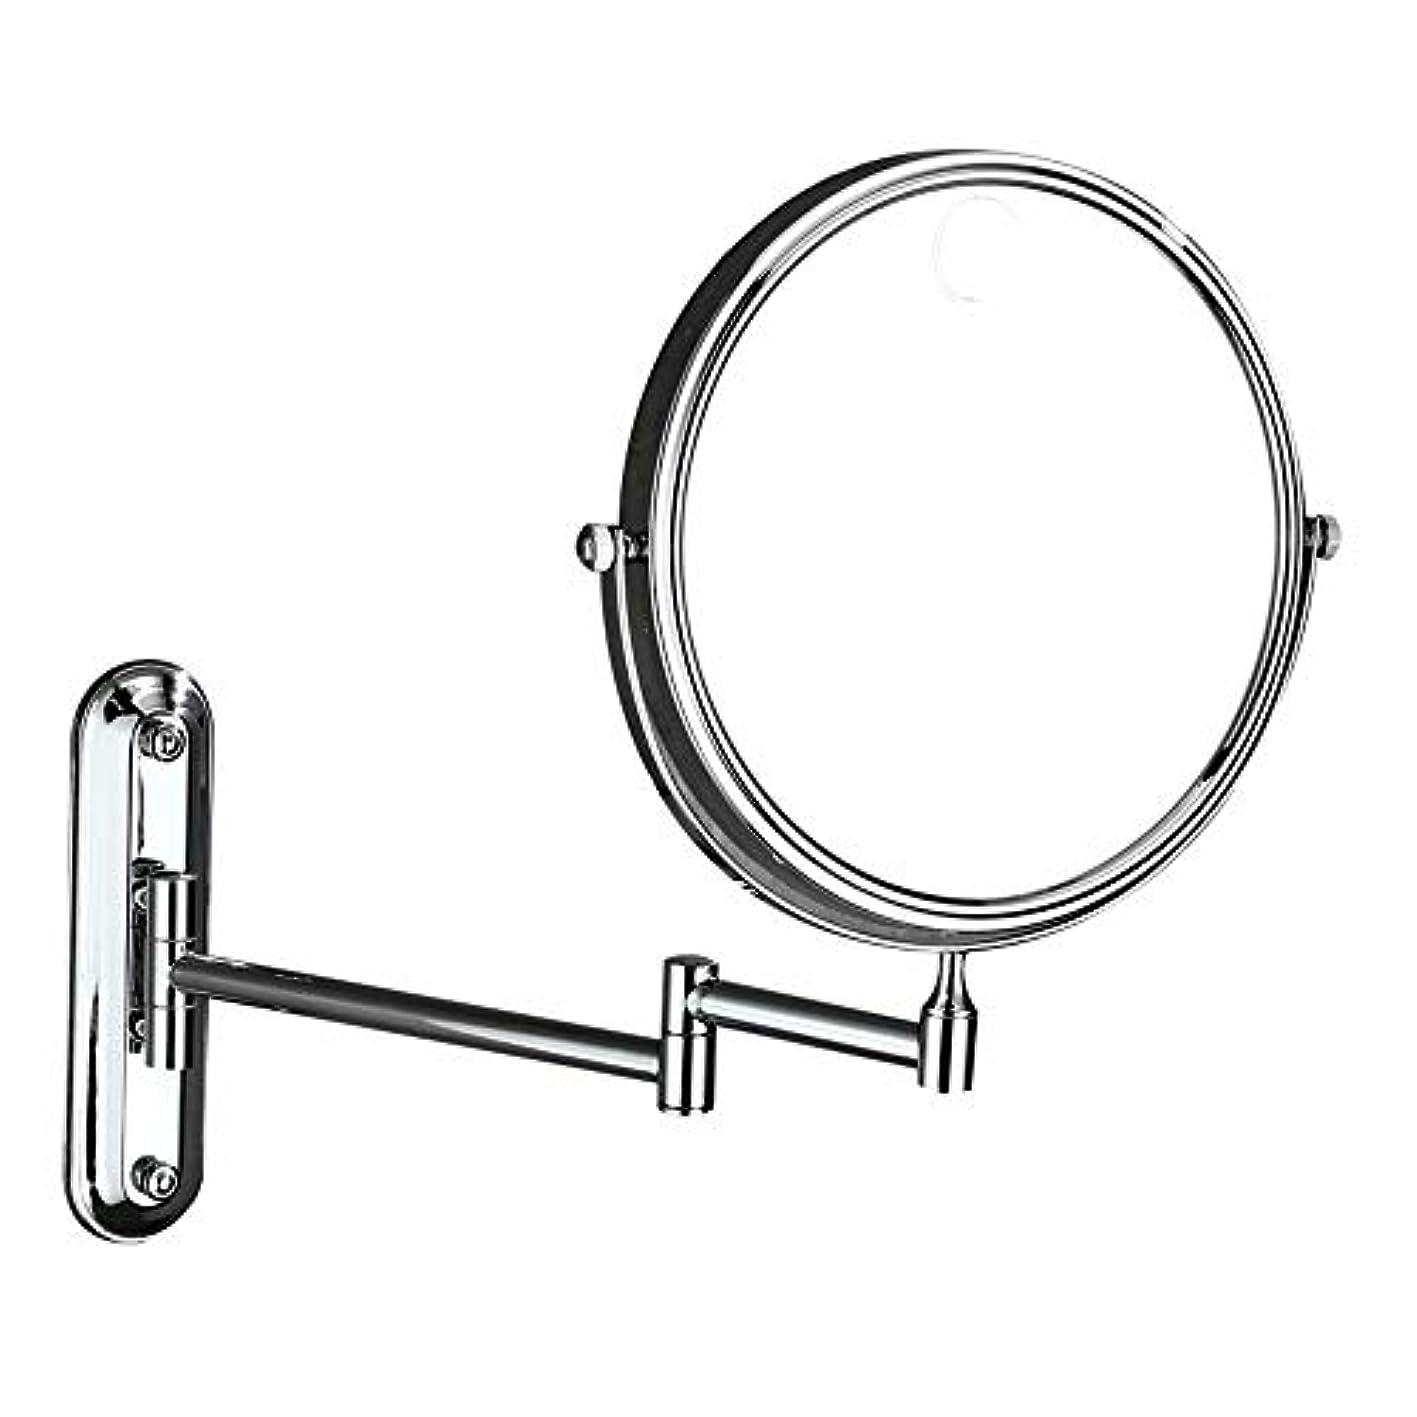 エアコンデコラティブ賢い化粧鏡 3倍拡大鏡壁掛け折りたたみ美容化粧鏡8インチ両面回転拡張可能なバスルームバニティミラーヴィンテージシェービングミラー (色 : 銀, サイズ : ワンサイズ)